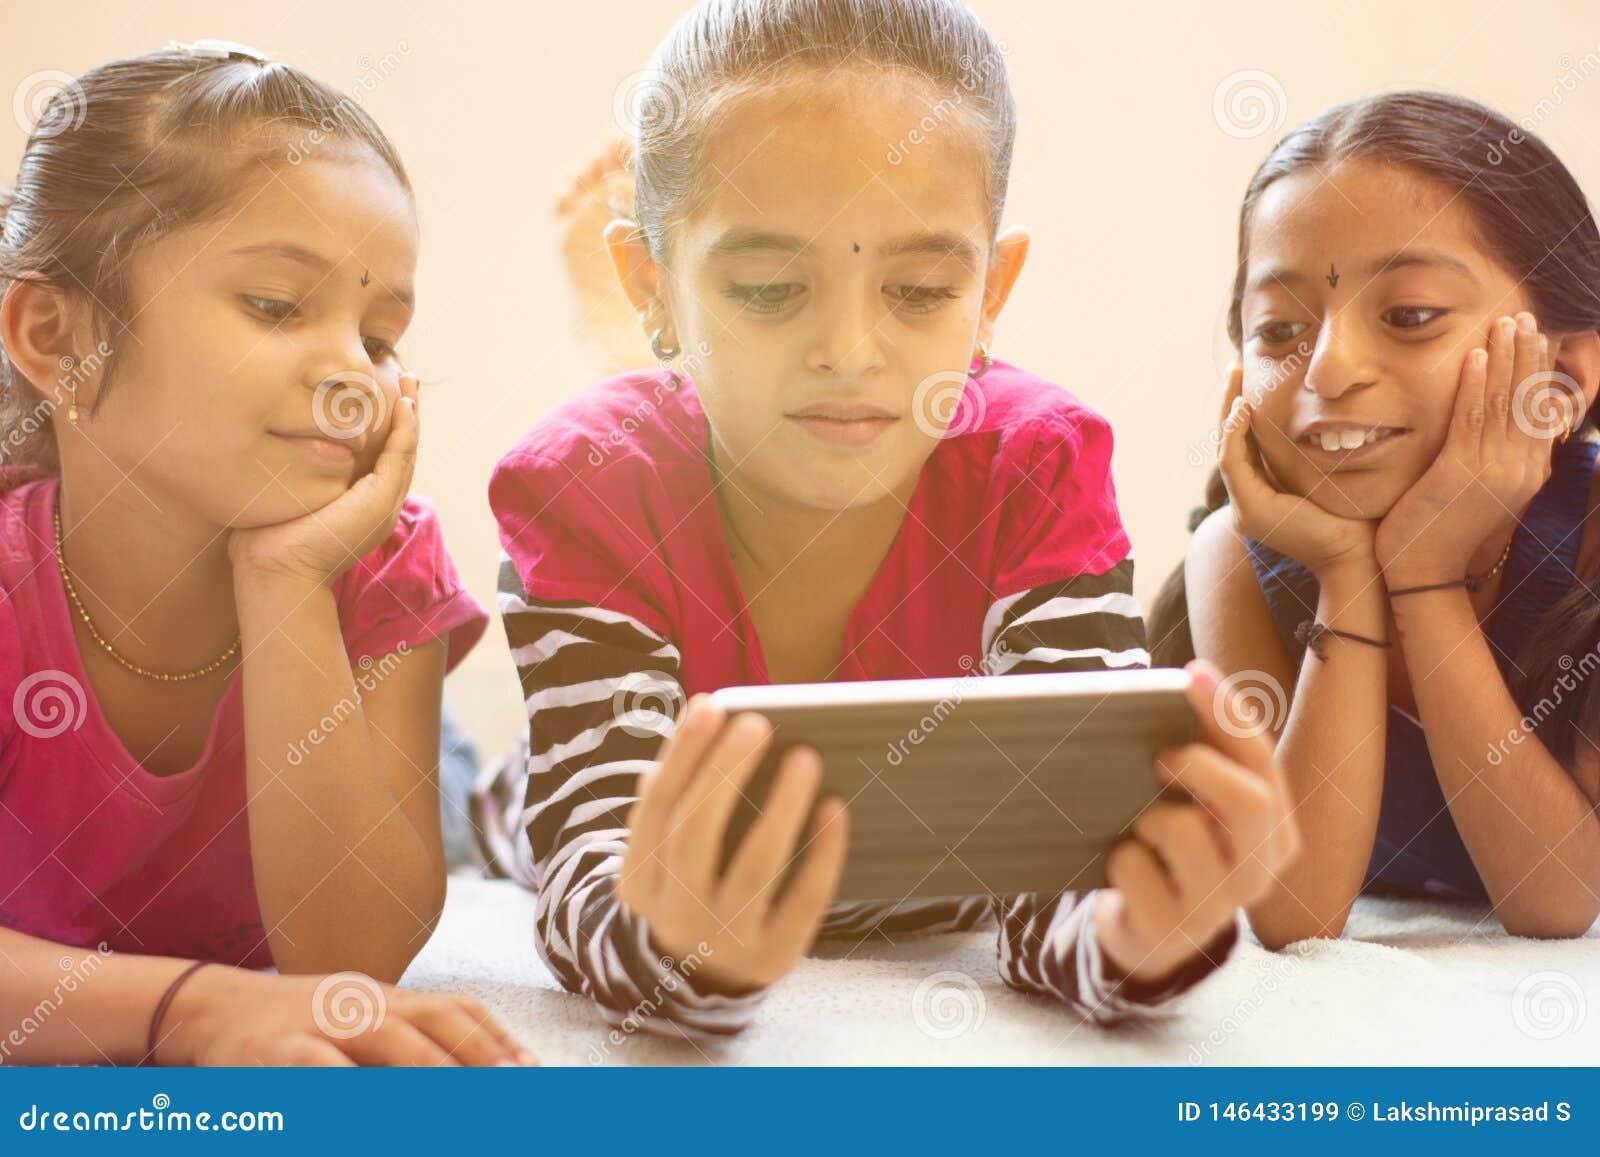 Tre bambini indiani svegli che guardano bambino che per mezzo dello smartphone con i fronti sorridente sul letto